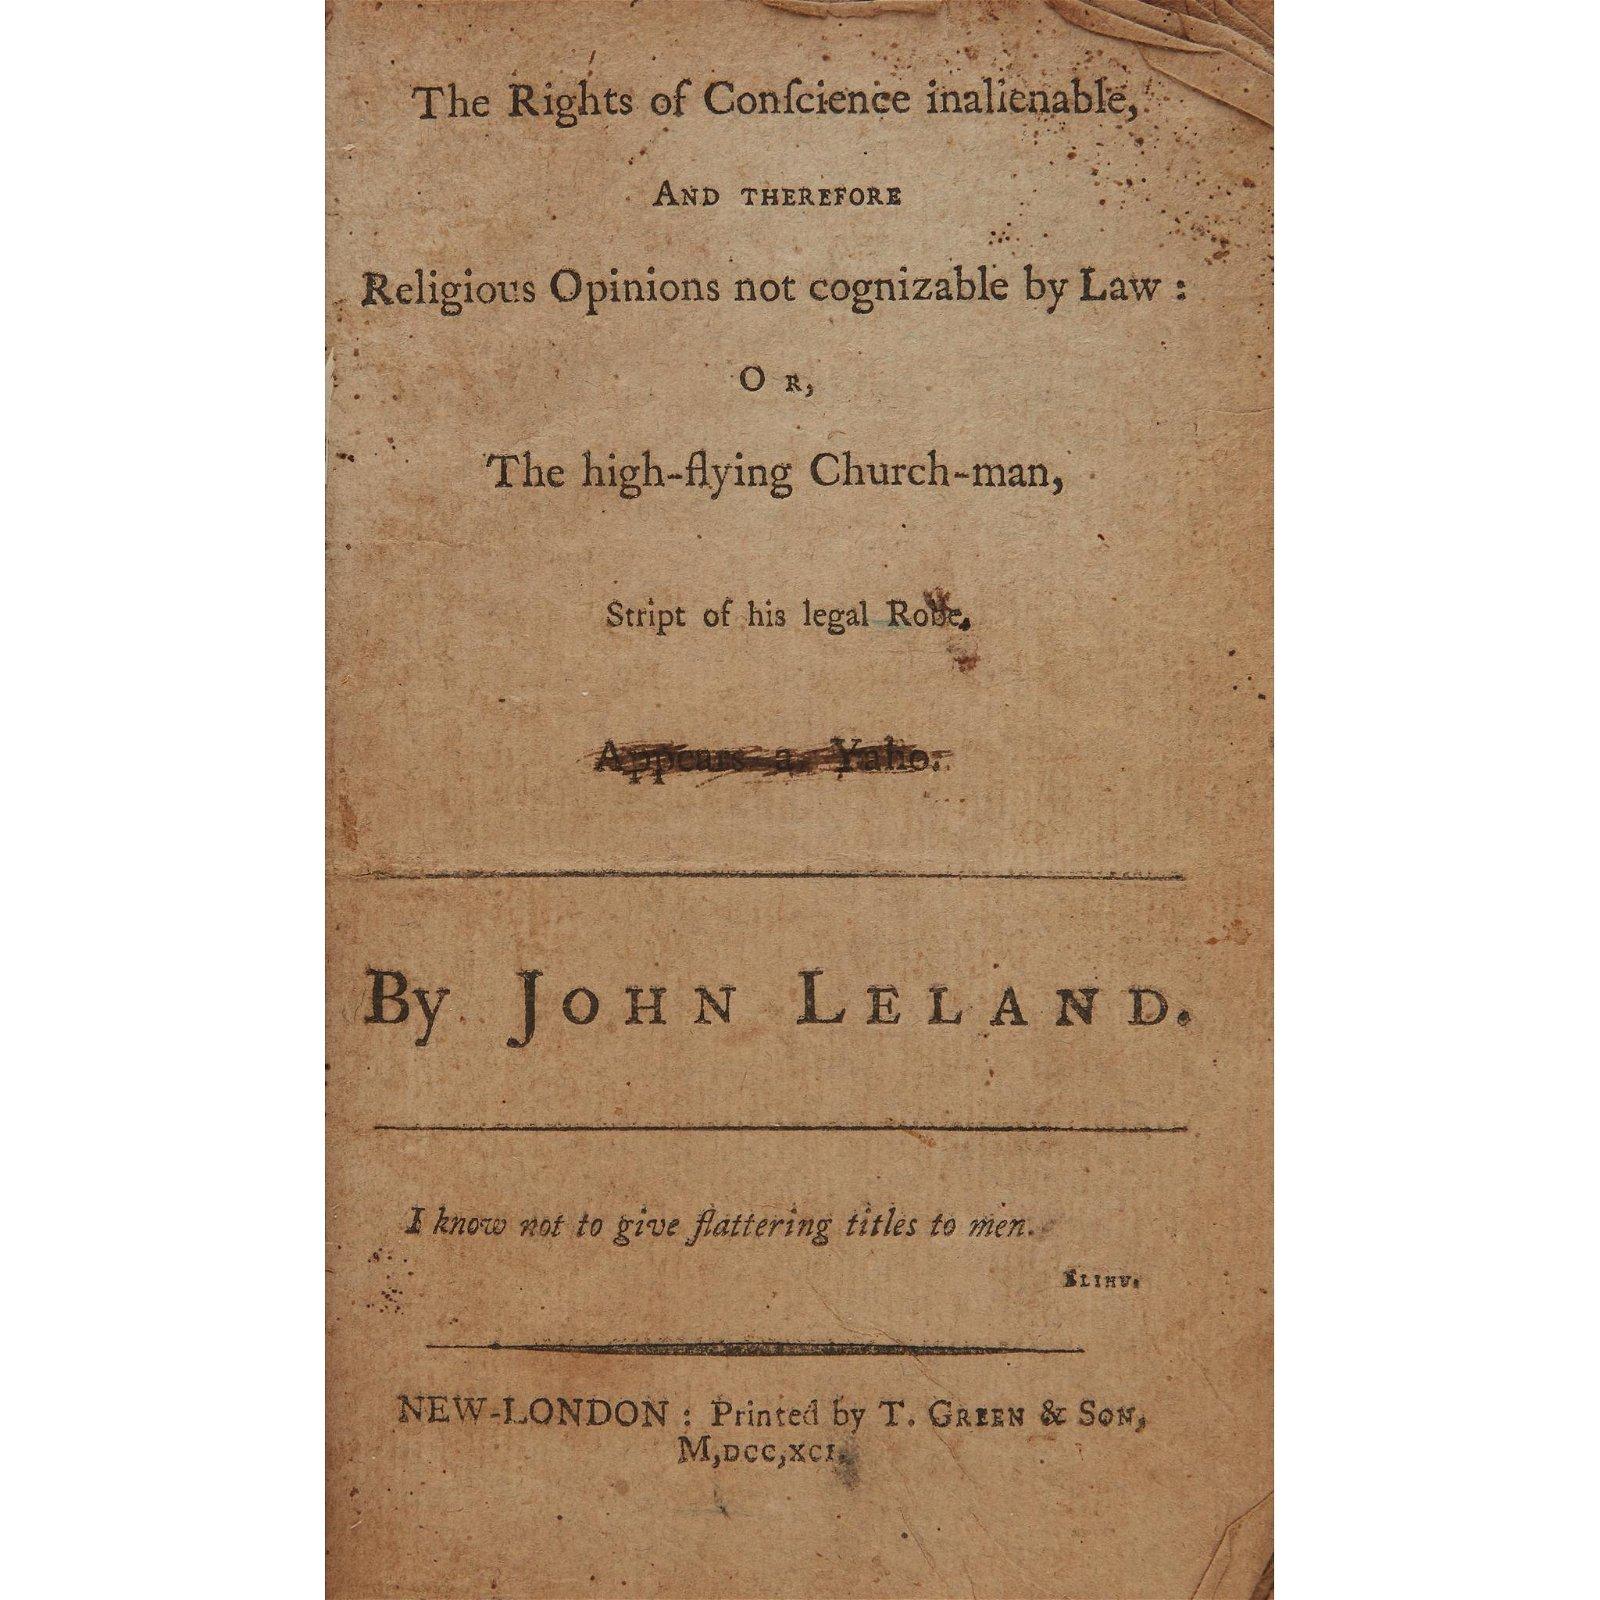 [Americana] Leland, John, The Right of Conscience